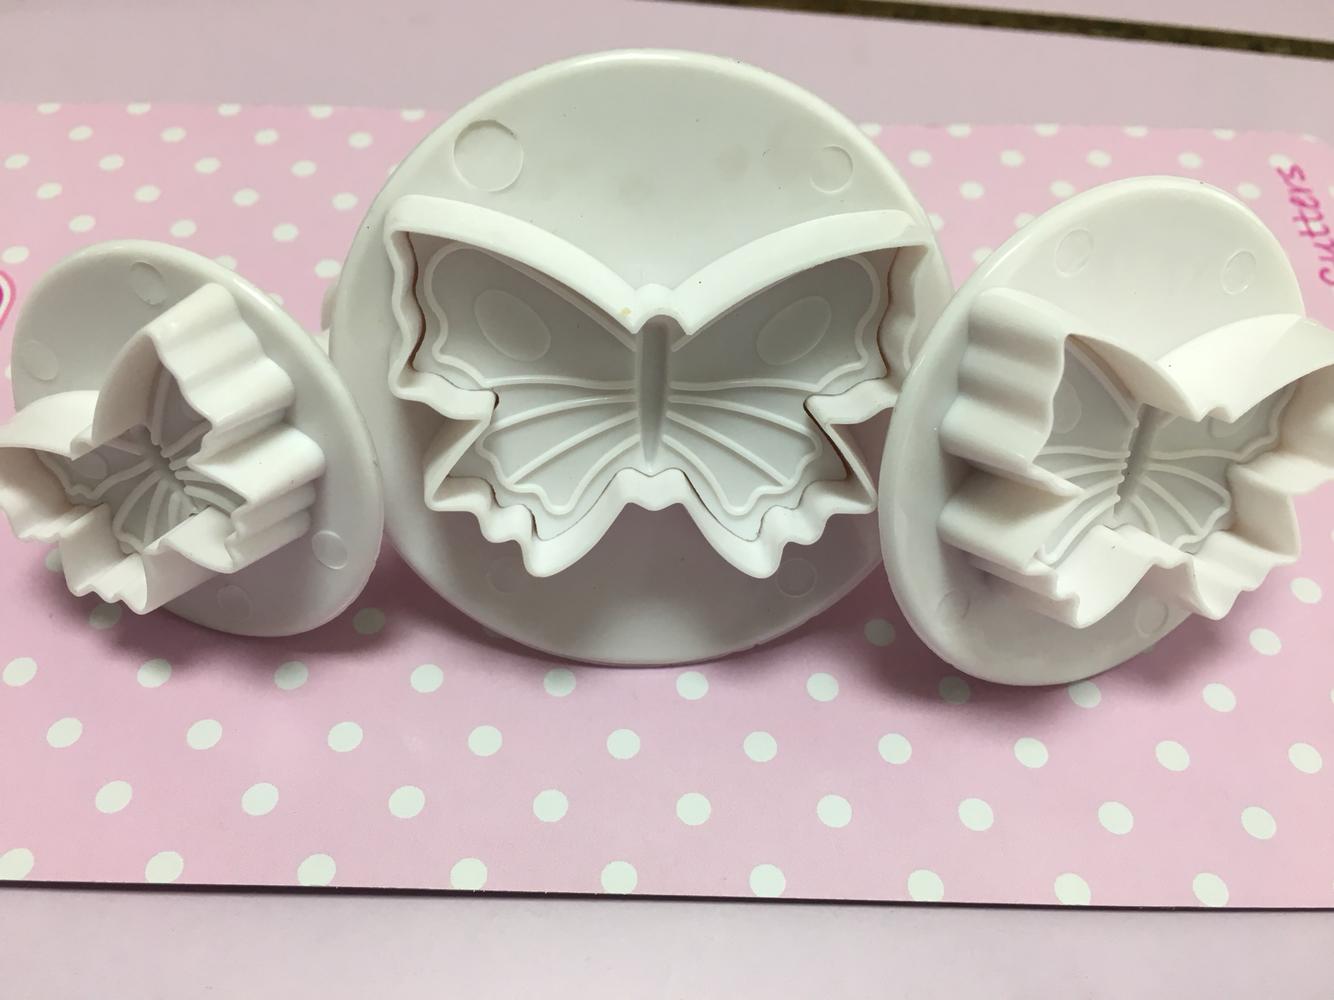 Cake Star Plunger Cutters -BUTTERFLIES - Σετ 3τεμ Kουπ πατ Πεταλούδες με Eκβολέα